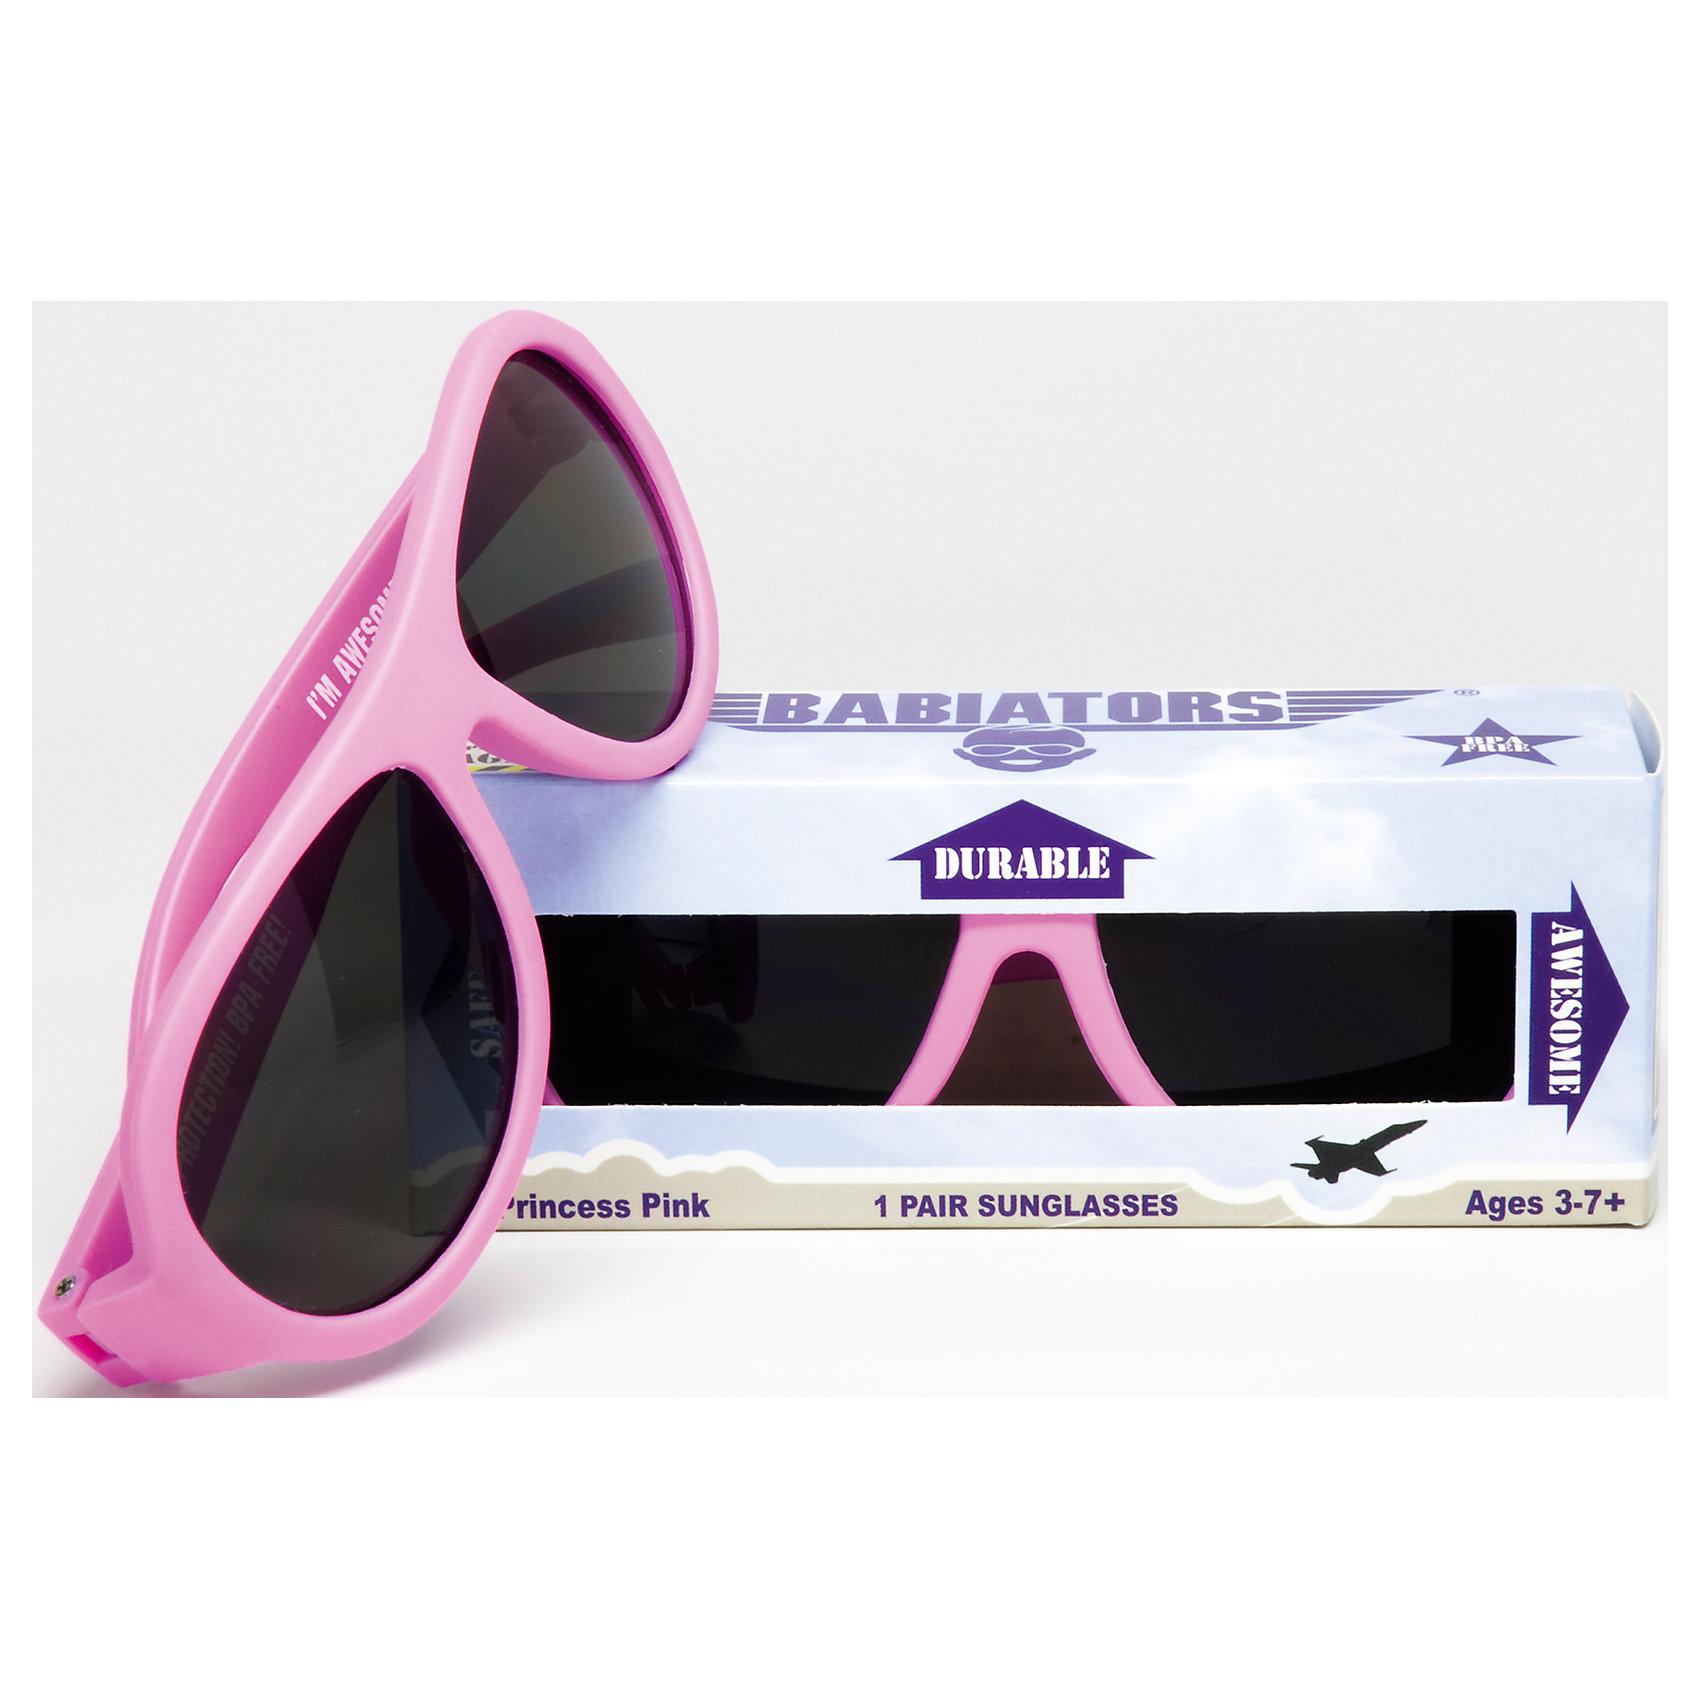 Солнцезащитные очки Babiators OriginalЗащита глаз всегда в моде.<br>Вы делаете все возможное, чтобы ваши дети были здоровы и в безопасности. Шлемы для езды на велосипеде, солнцезащитный крем для прогулок на солнце. Но как насчёт влияния солнца на глазах вашего ребёнка? Правда в том, что сетчатка глаза у детей развивается вместе с самим ребёнком. Это означает, что глаза малышей не могут отфильтровать УФ-излучение. Добавьте к этому тот факт, что дети за год получают трёхкратную дозу солнечного воздействия на взрослого человека (доклад Vision Council Report 2013, США). Проблема понятна - детям нужна настоящая защита, чтобы глазка были в безопасности, а зрение сильным.<br>Каждая пара солнцезащитных очков Babiators для детей обеспечивает 100% защиту от UVA и UVB. Прочные линзы высшего качества не подведут в самых сложных переделках. Будьте уверены, что очки Babiators созданы безопасными, прочными и классными, так что вы и ваш маленький лётчик можете приступать к своим приключениям!<br><br>• Прочная, гибкая прорезиненная оправа;<br>• 100 % защита от UVA и UVB солнечных лучей;<br>• Ударопрочные линзы;<br>• Стильные: выбор многих голливудских звёзд.<br><br>Ширина мм: 170<br>Глубина мм: 157<br>Высота мм: 67<br>Вес г: 117<br>Возраст от месяцев: 36<br>Возраст до месяцев: 84<br>Пол: Унисекс<br>Возраст: Детский<br>SKU: 4766968